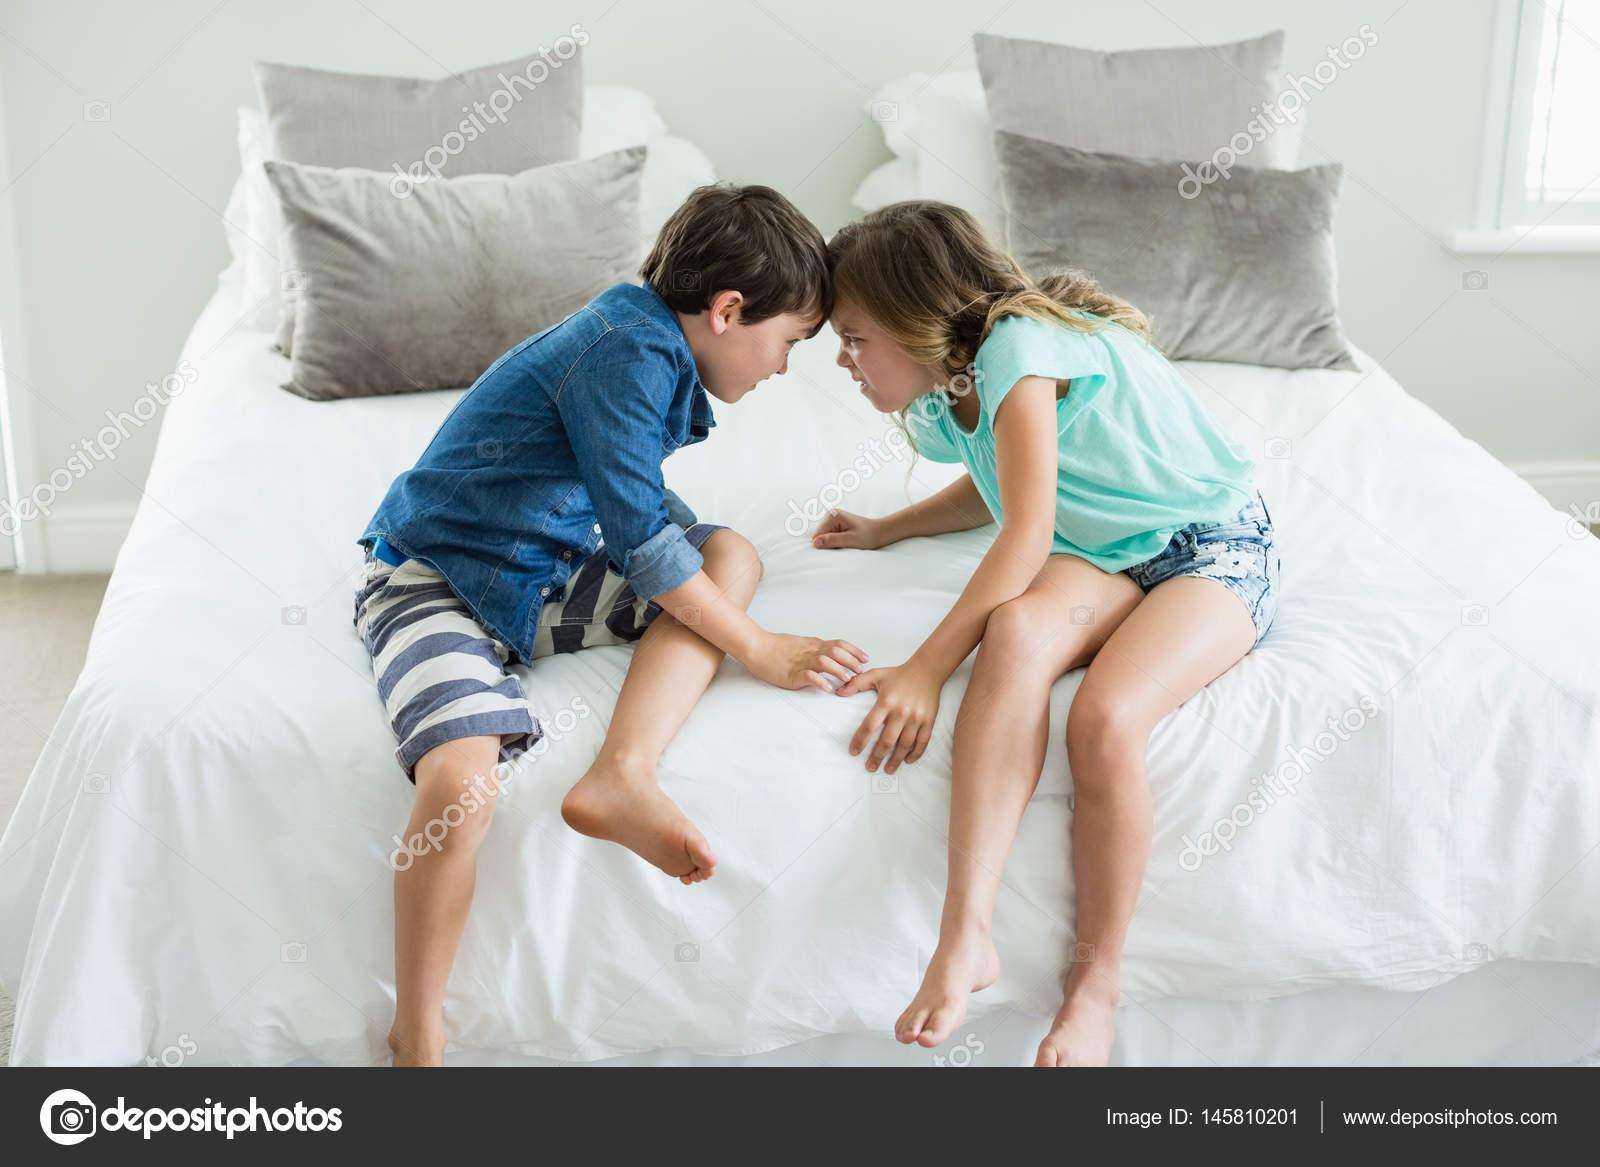 Секс брат и сестра со связыванием, Брат и сестра трахаются (занимаются сексом) Смотреть 17 фотография